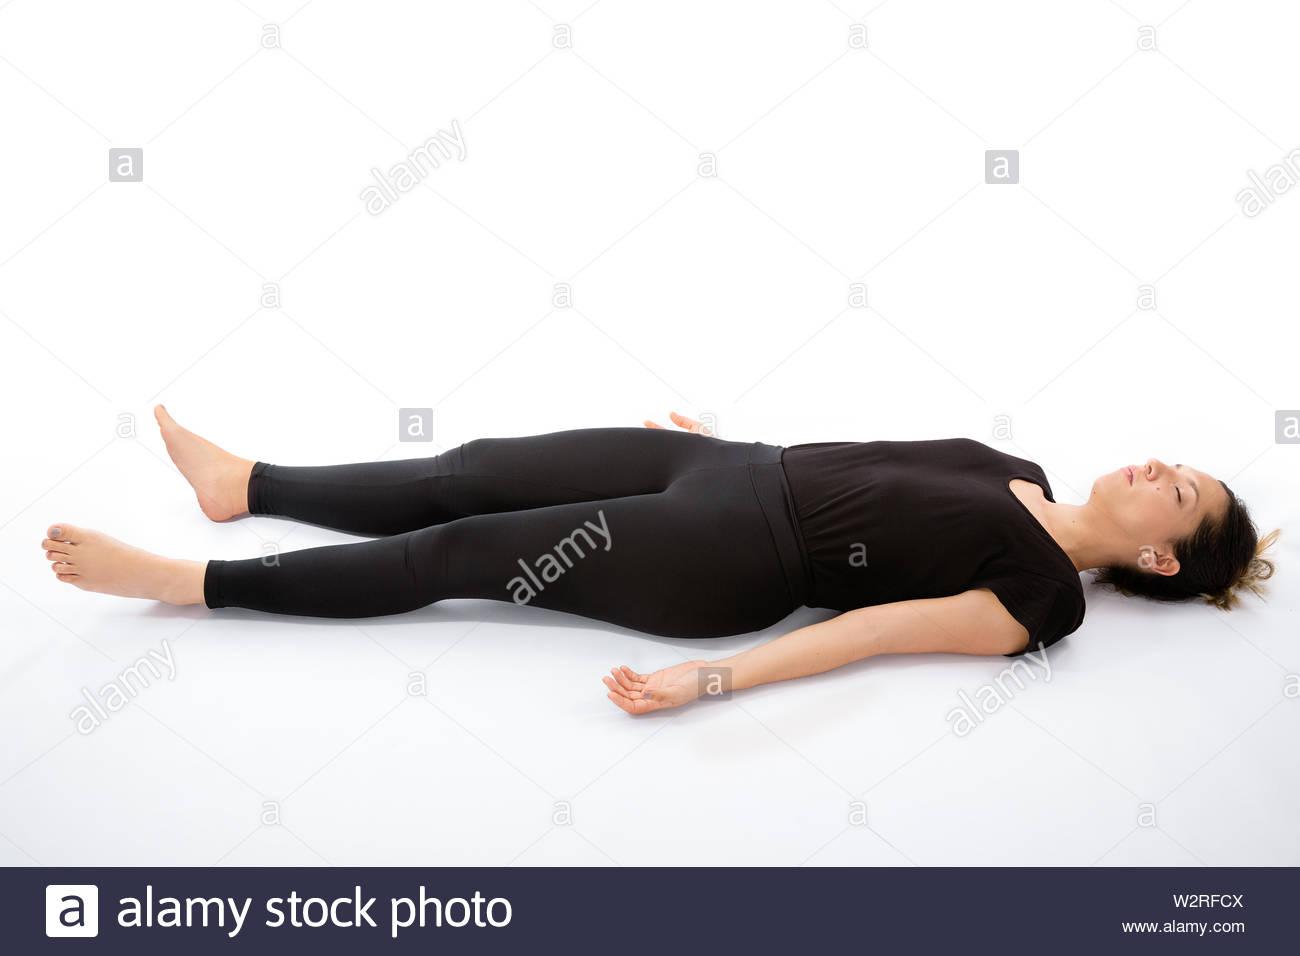 Shavasana pose. Yoga poses woman isolated with white background. Yoga pose set. Mindfulness and Spiritually concept. Girl practicing Hatha Yoga asanas Stock Photo